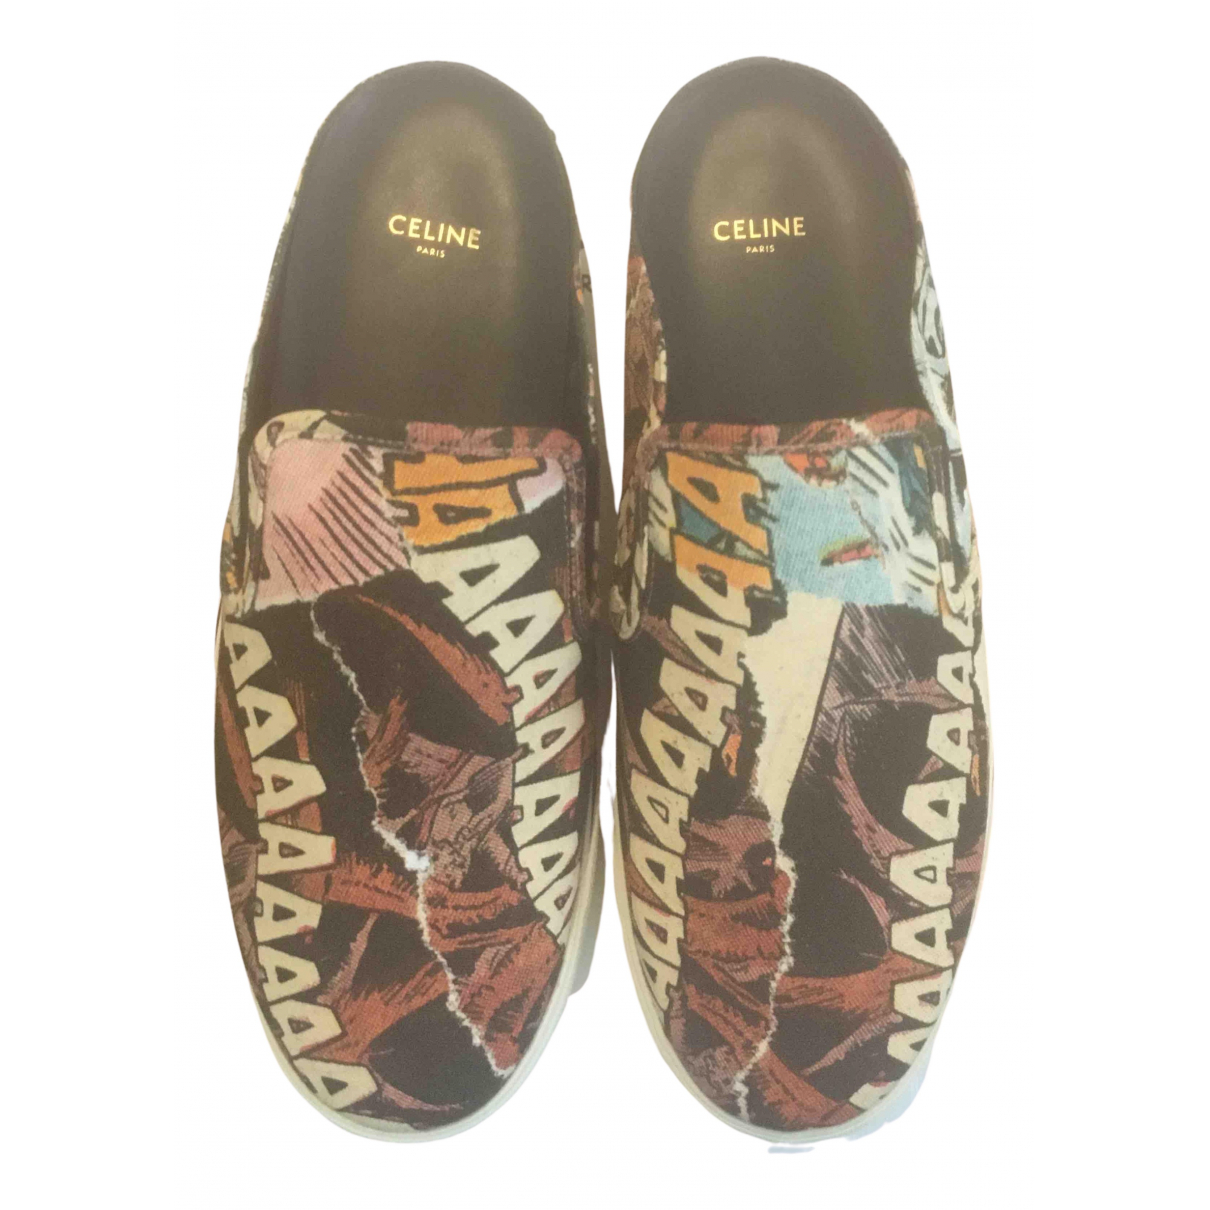 Sandalias de Lona Celine